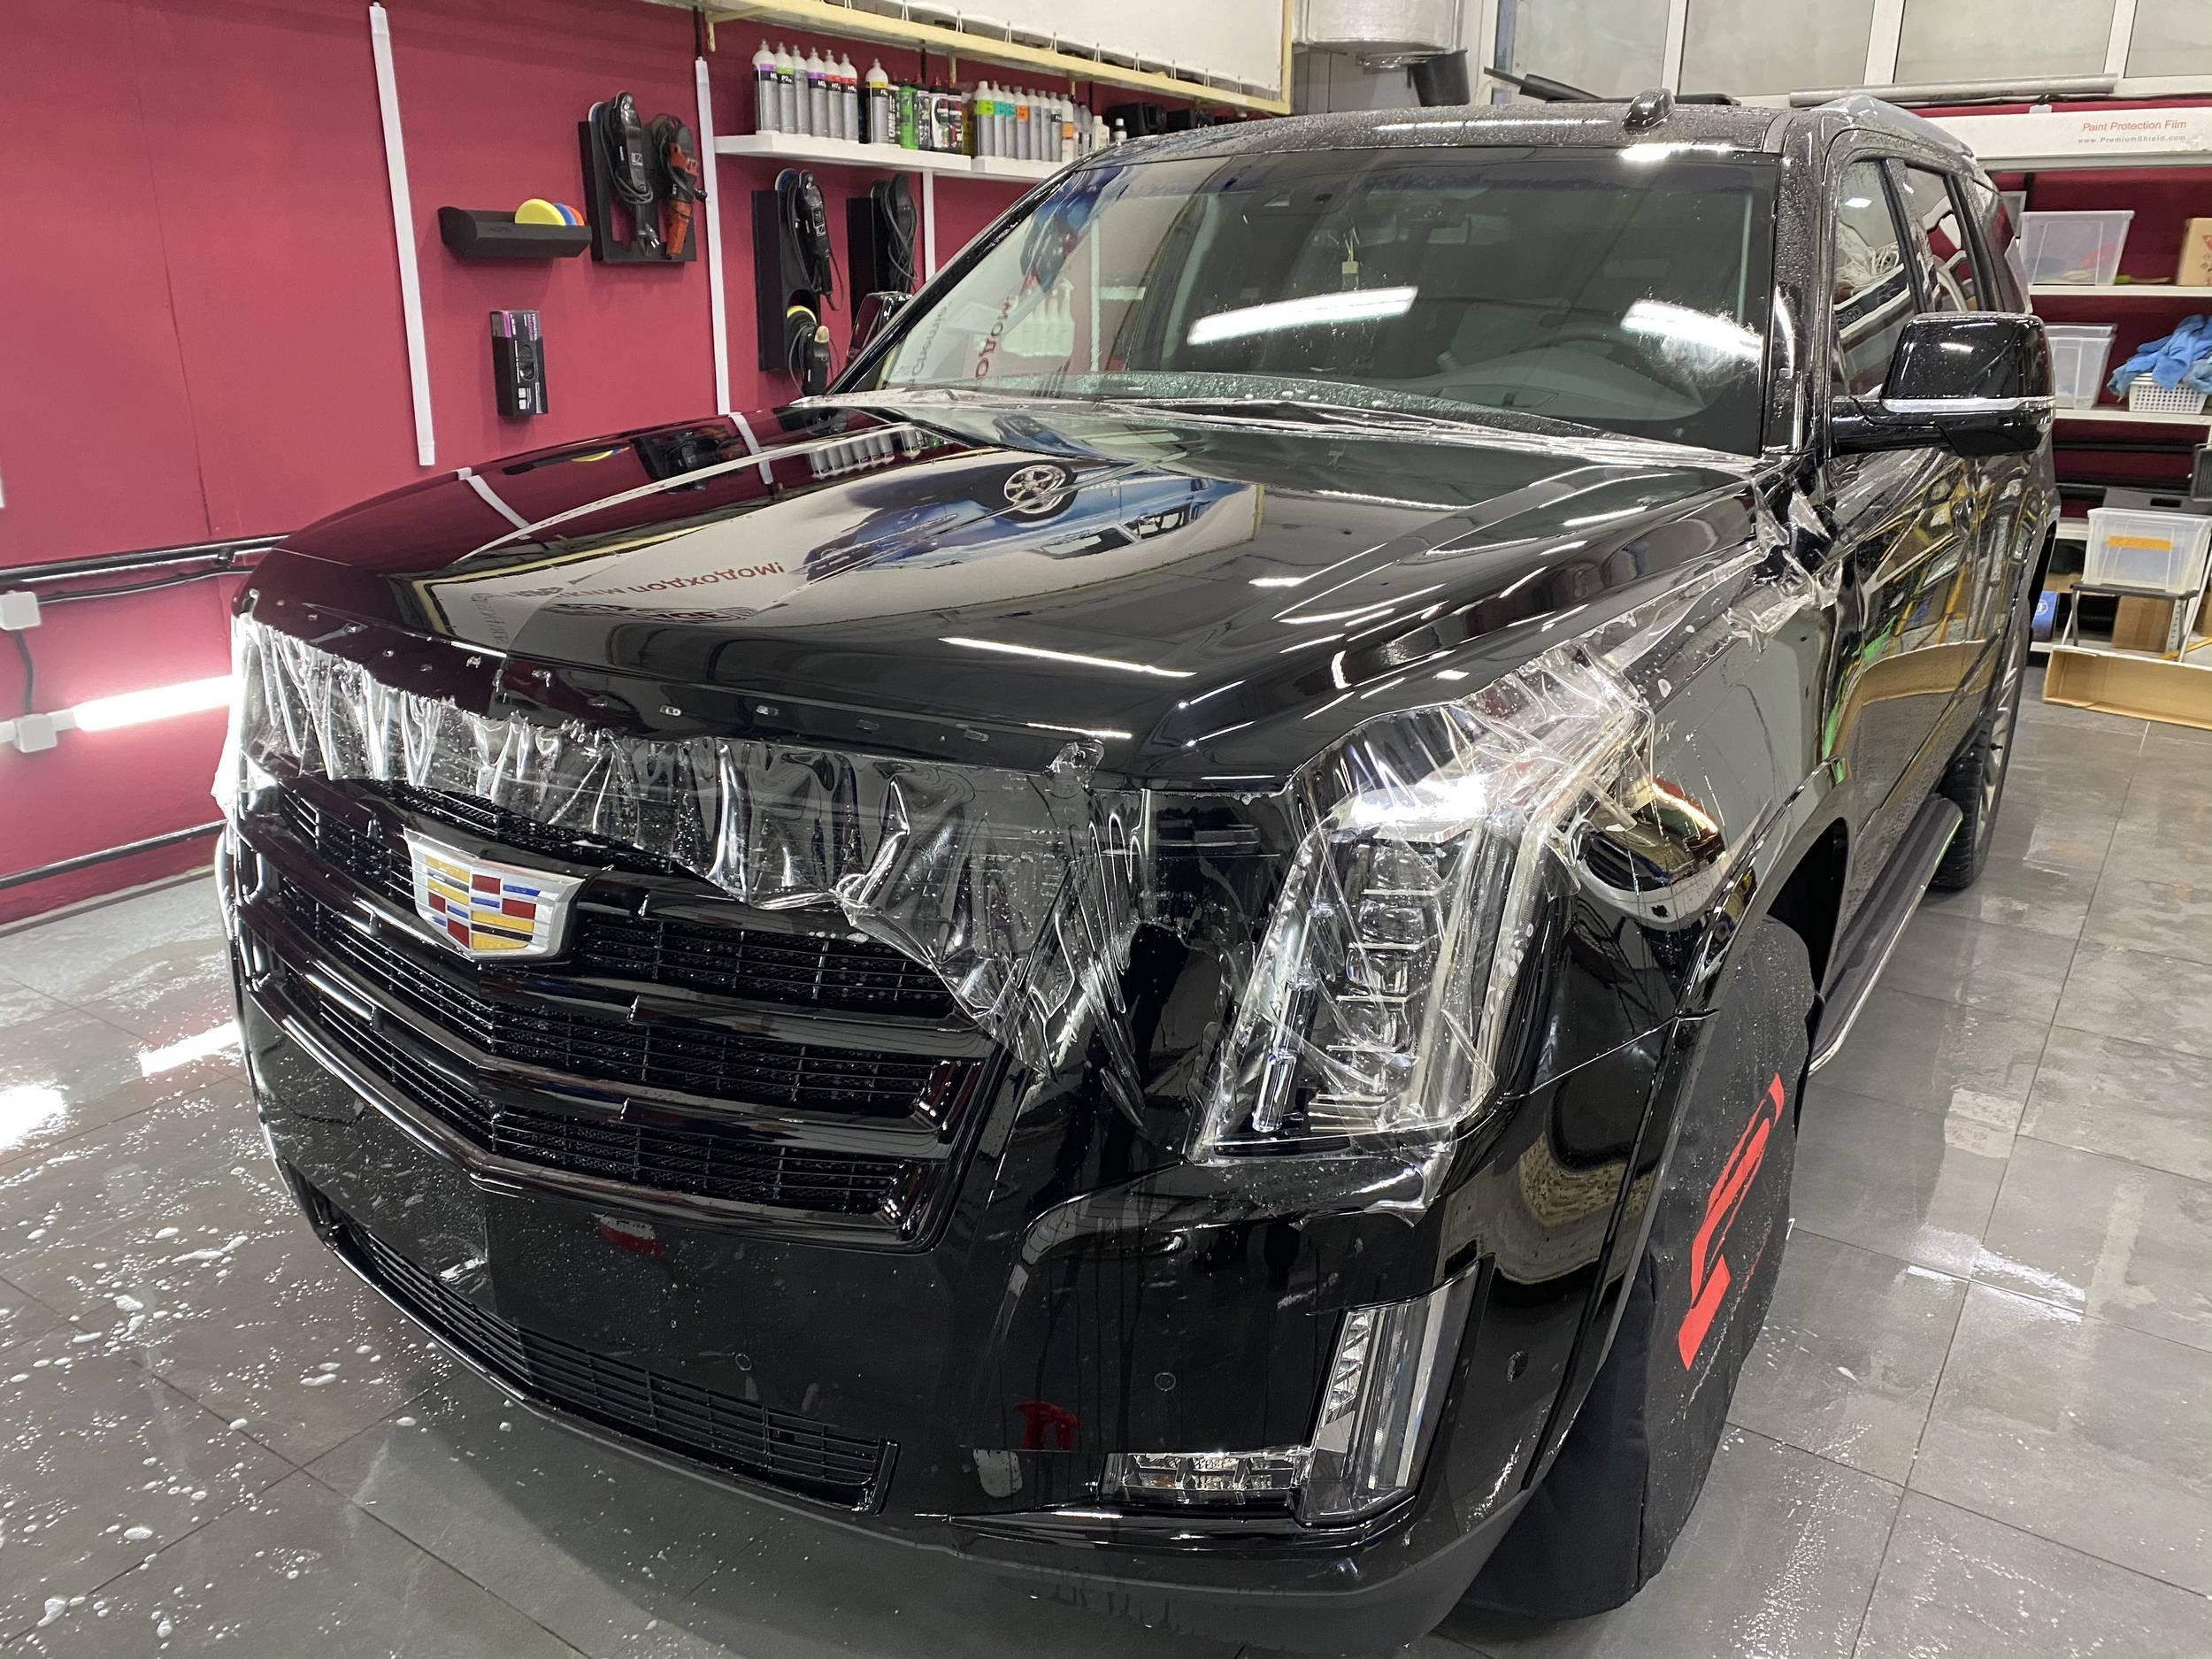 Смотреть на фото капот кроссовера Cadillac Escalade после оклейки полиуретановой пленкой.